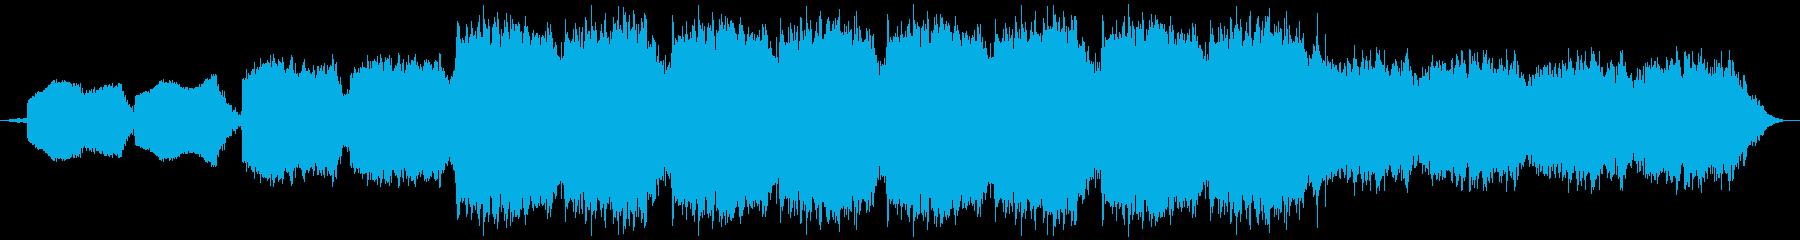 ホラーな歌声や呻きを用いたテクスチャーの再生済みの波形